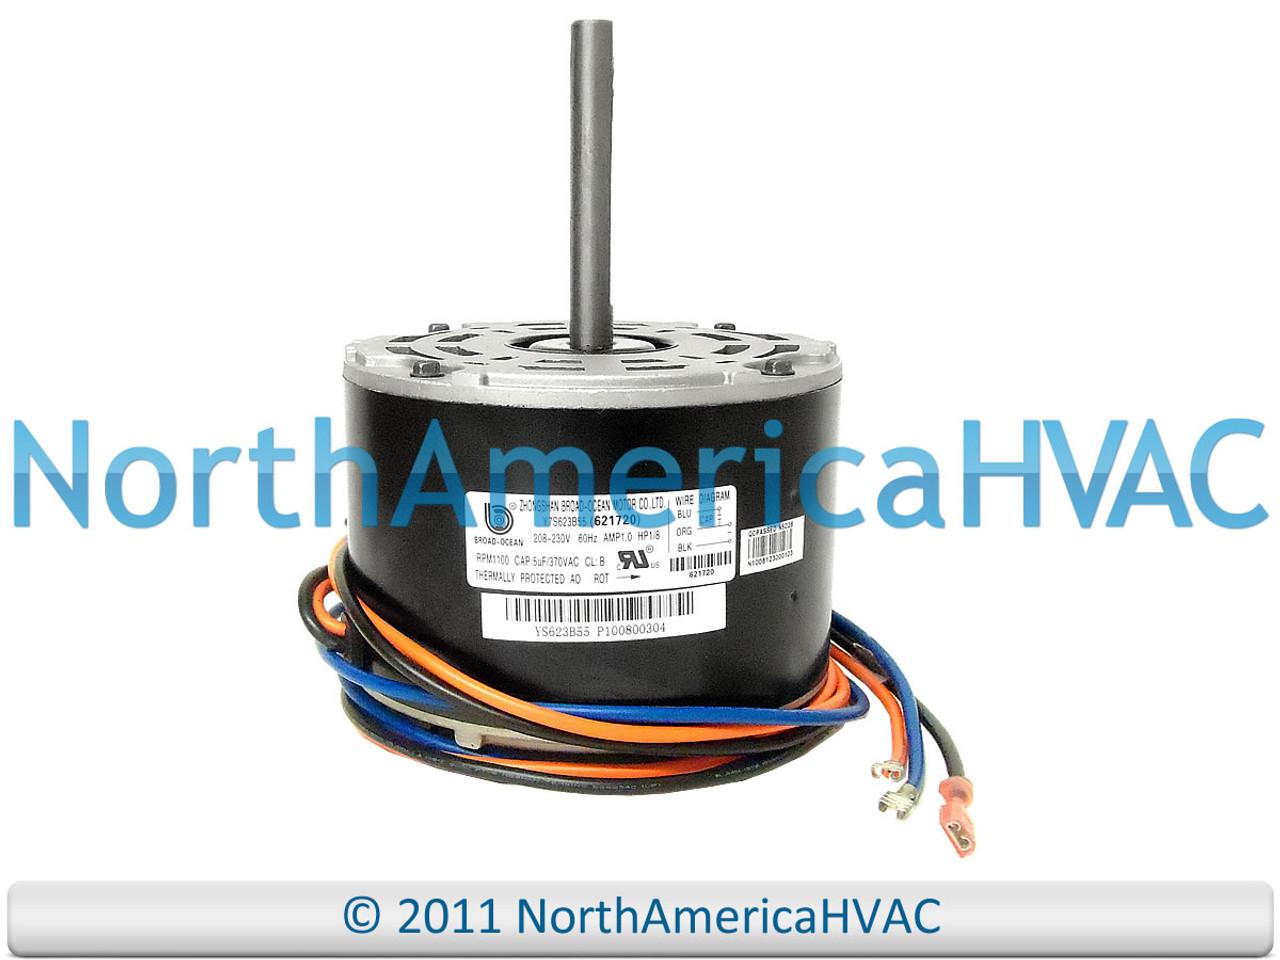 [SCHEMATICS_4FR]  621720 6217200 - OEM Intertherm Nordyne Miller Condenser FAN MOTOR 1/8 HP -  North America HVAC | Intertherm Wiring Diagram Condenser |  | North America HVAC